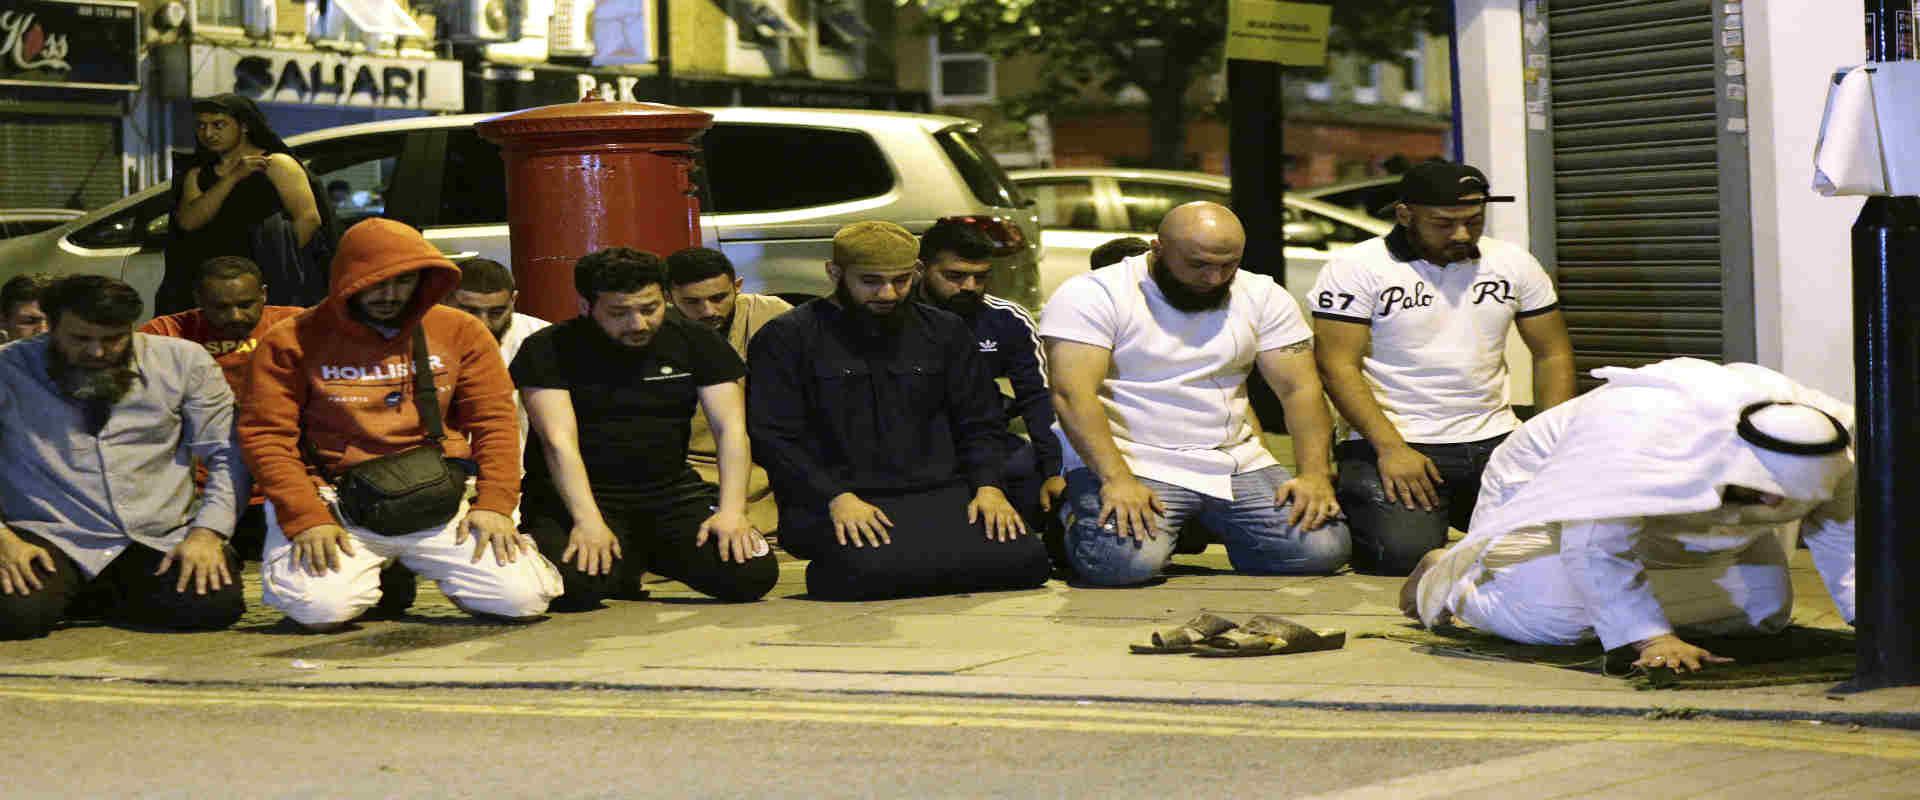 מוסלמים מתפללים ליד המסגד לאחר הפיגוע